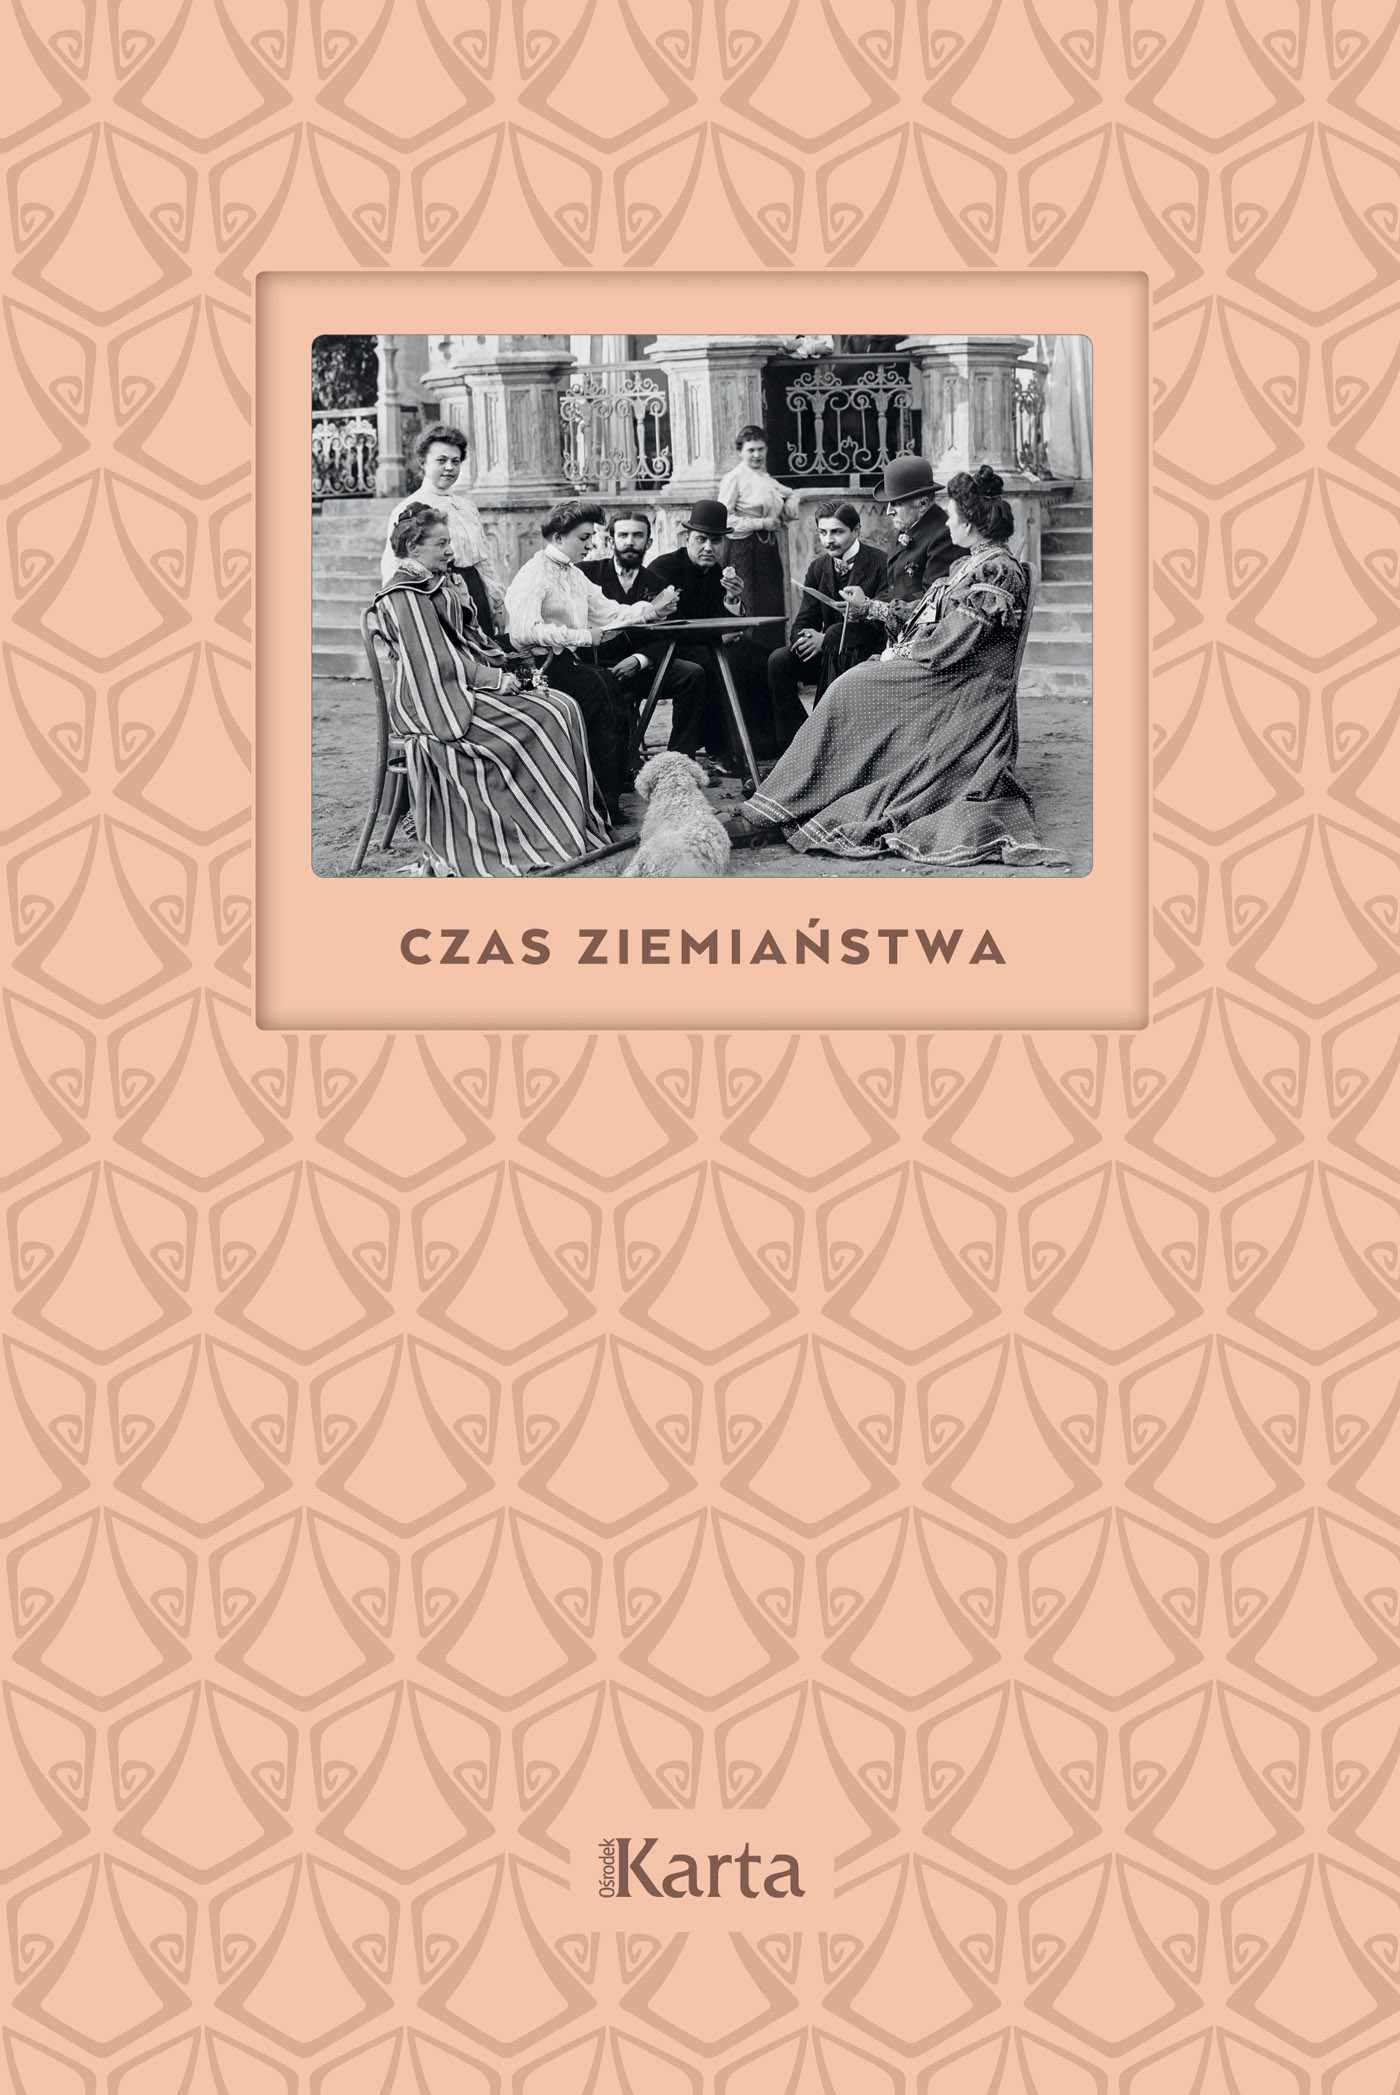 Czas ziemiaństwa. Koniec XIX wieku – 1945 - Ebook (Książka na Kindle) do pobrania w formacie MOBI